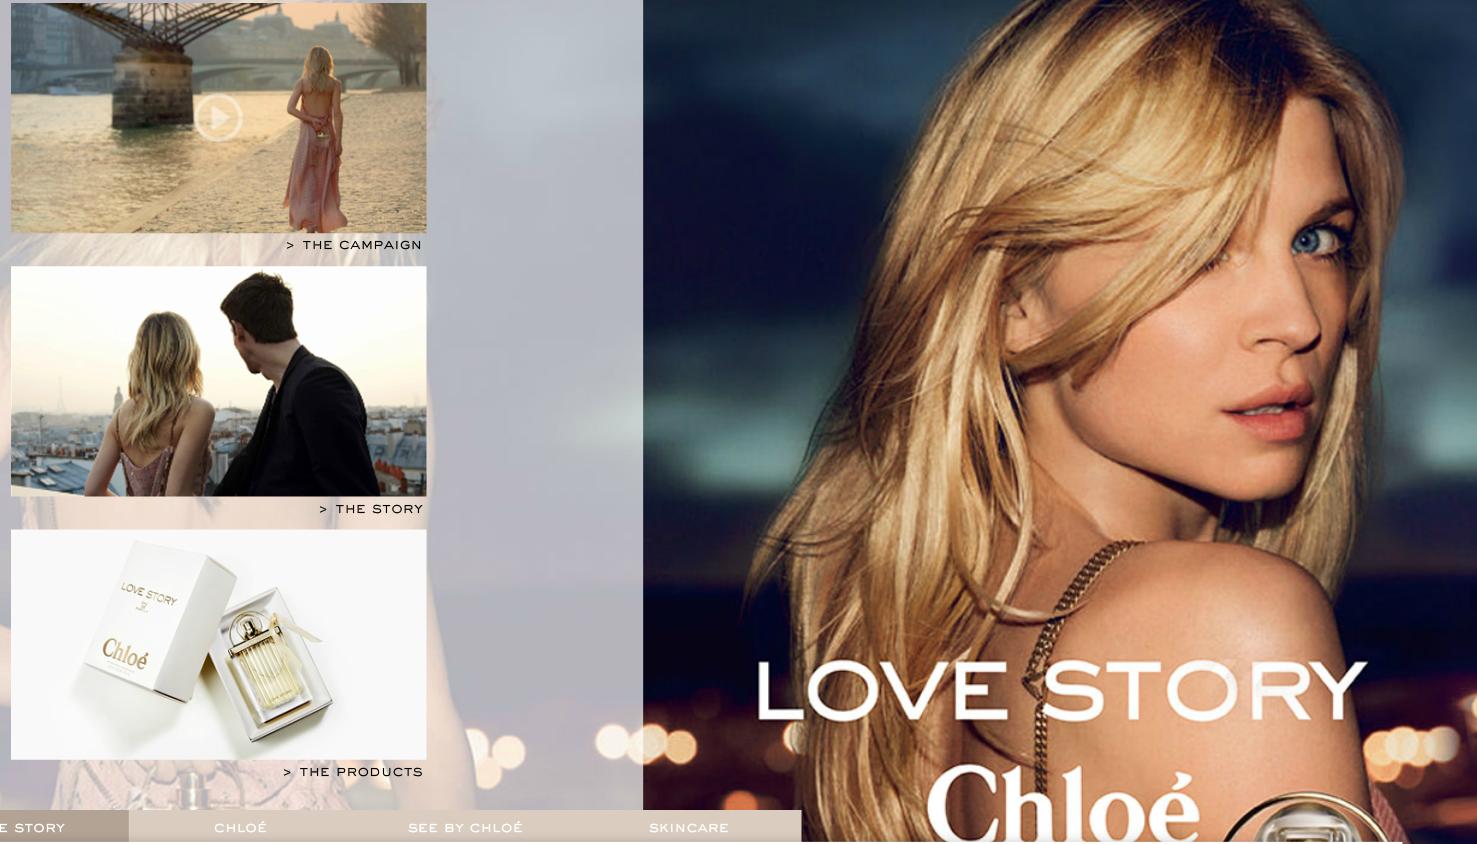 canzone pubblicit profumo chloe love story febbraio 2015 come si chiama modella e canzone. Black Bedroom Furniture Sets. Home Design Ideas